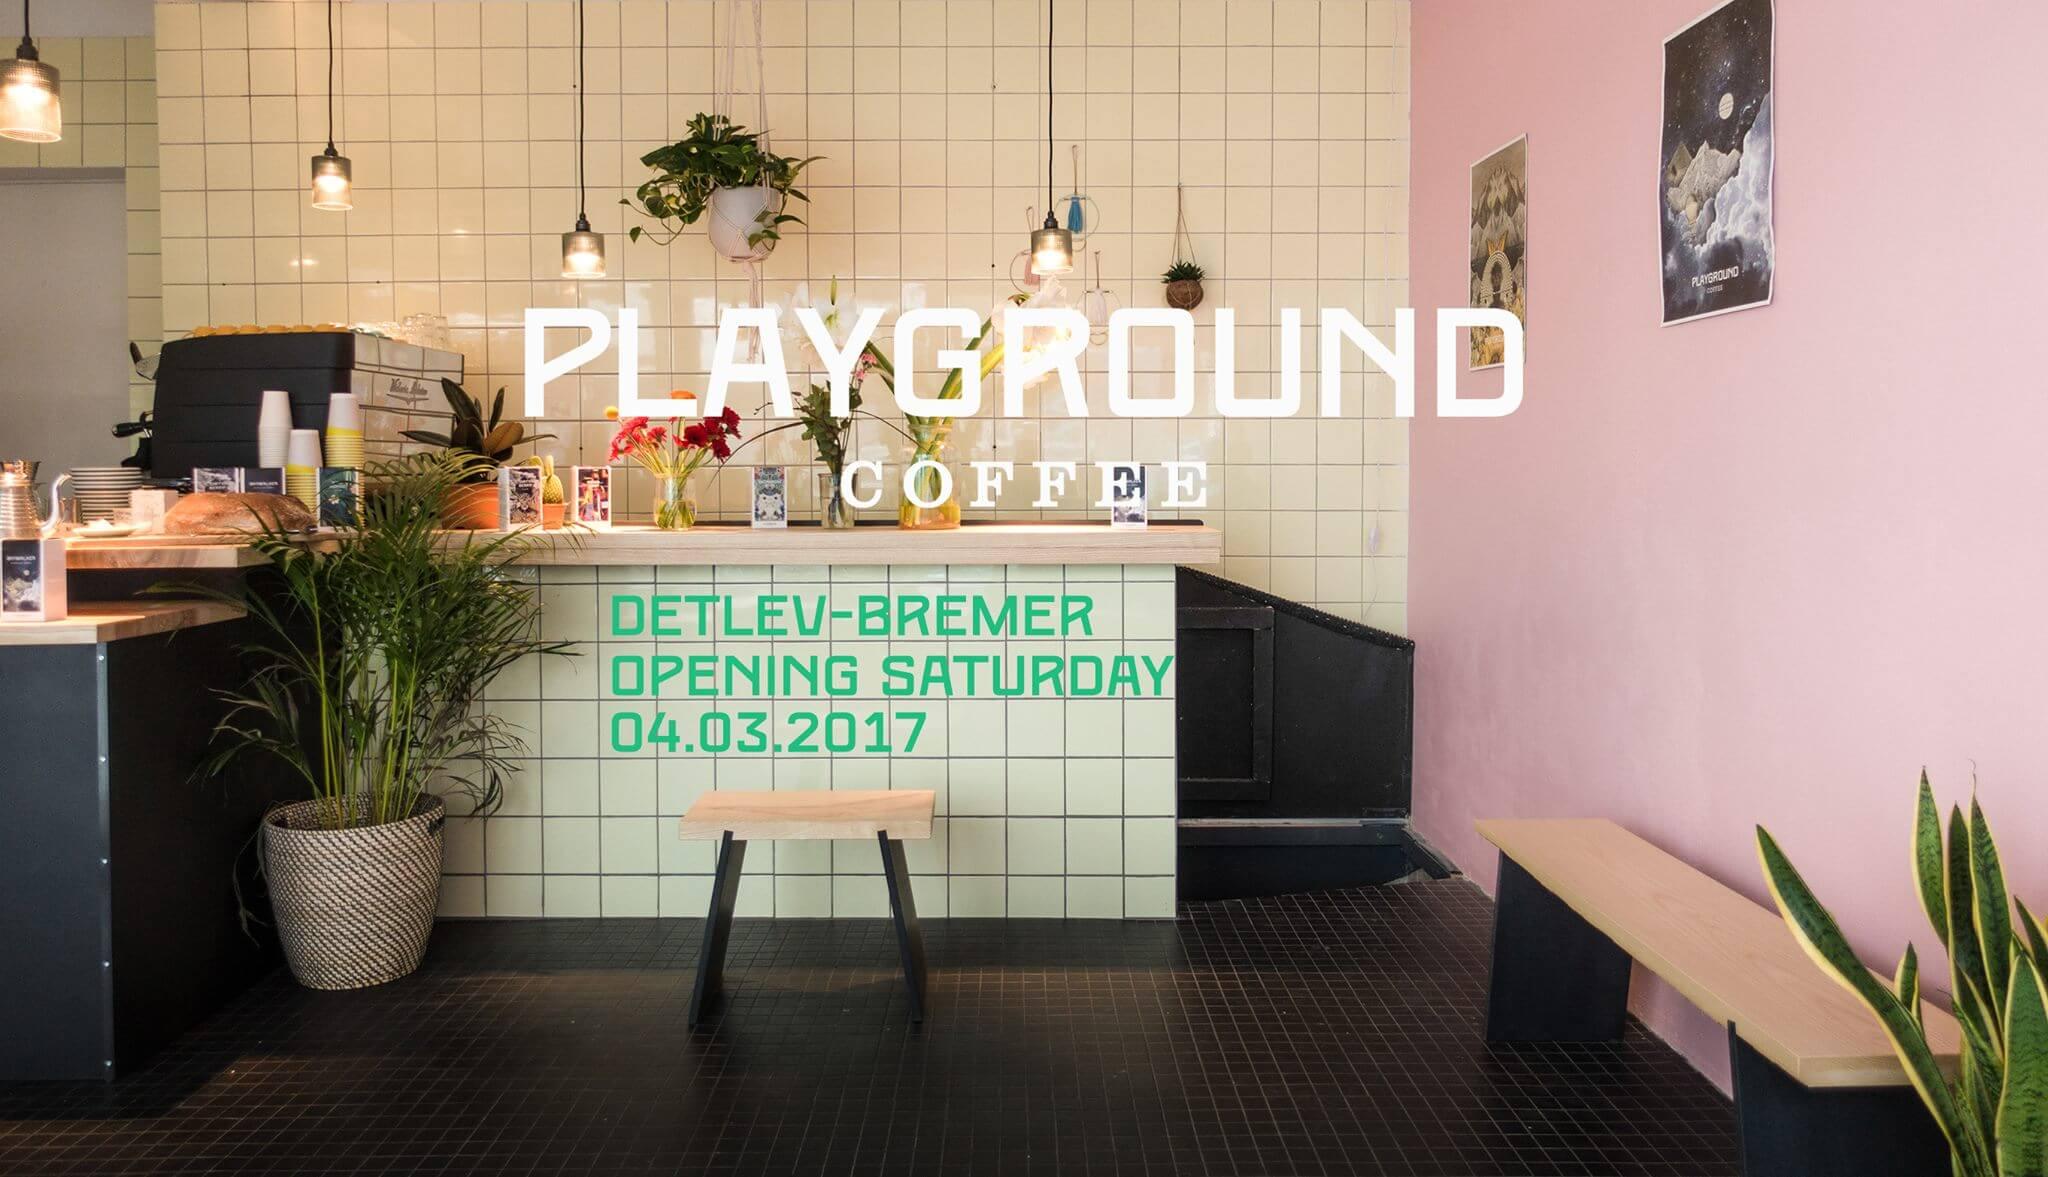 playground coffee st pauli opening die jungs haben schon die milchd sen voll aufgedreht und. Black Bedroom Furniture Sets. Home Design Ideas